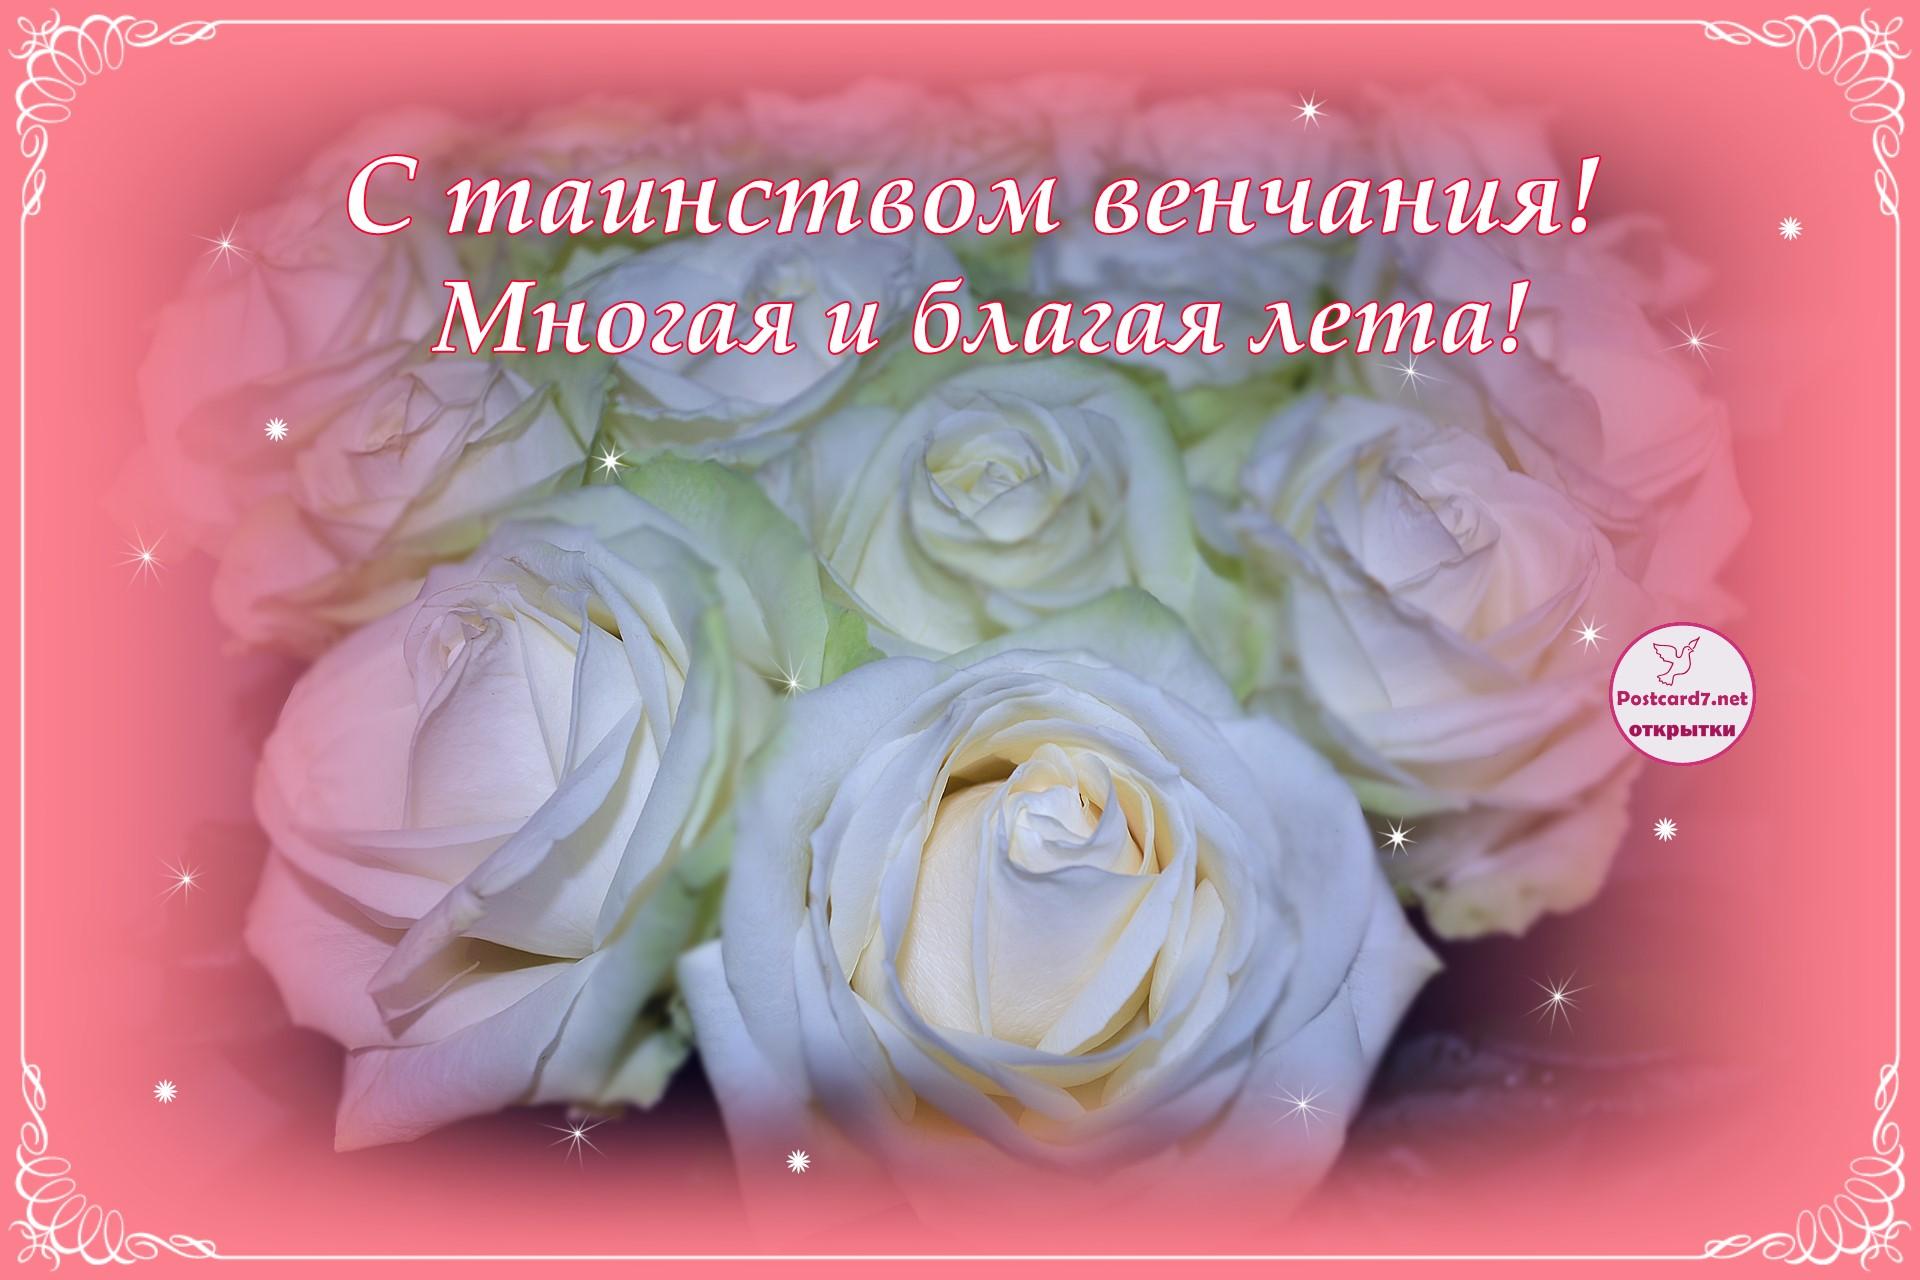 Белые розы - открытка - С венчанием